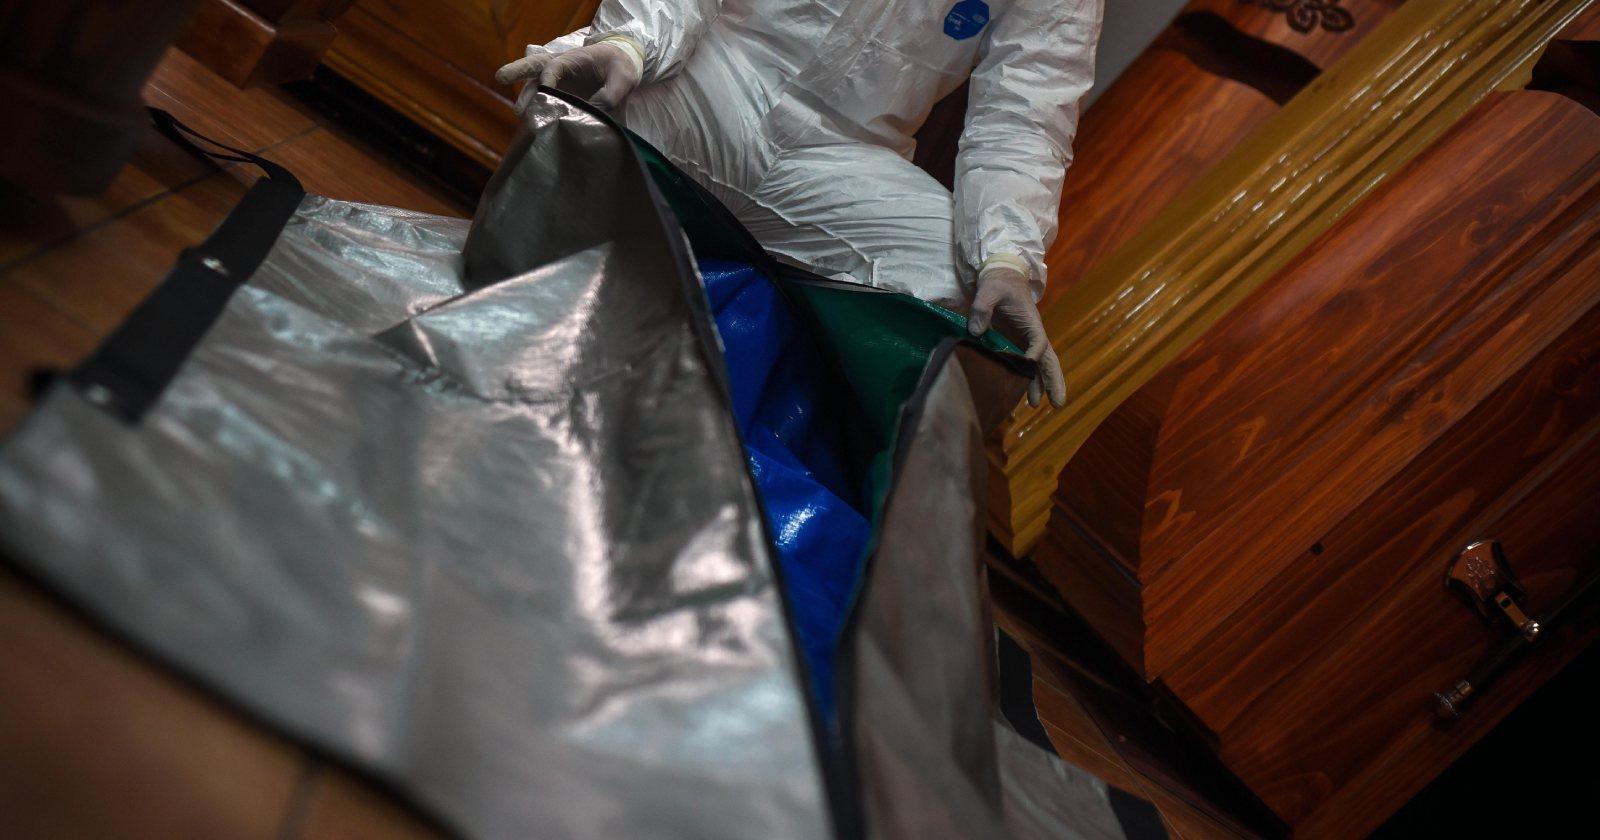 Hospitales y servicios de salud incrementan compras de bolsas mortuorias